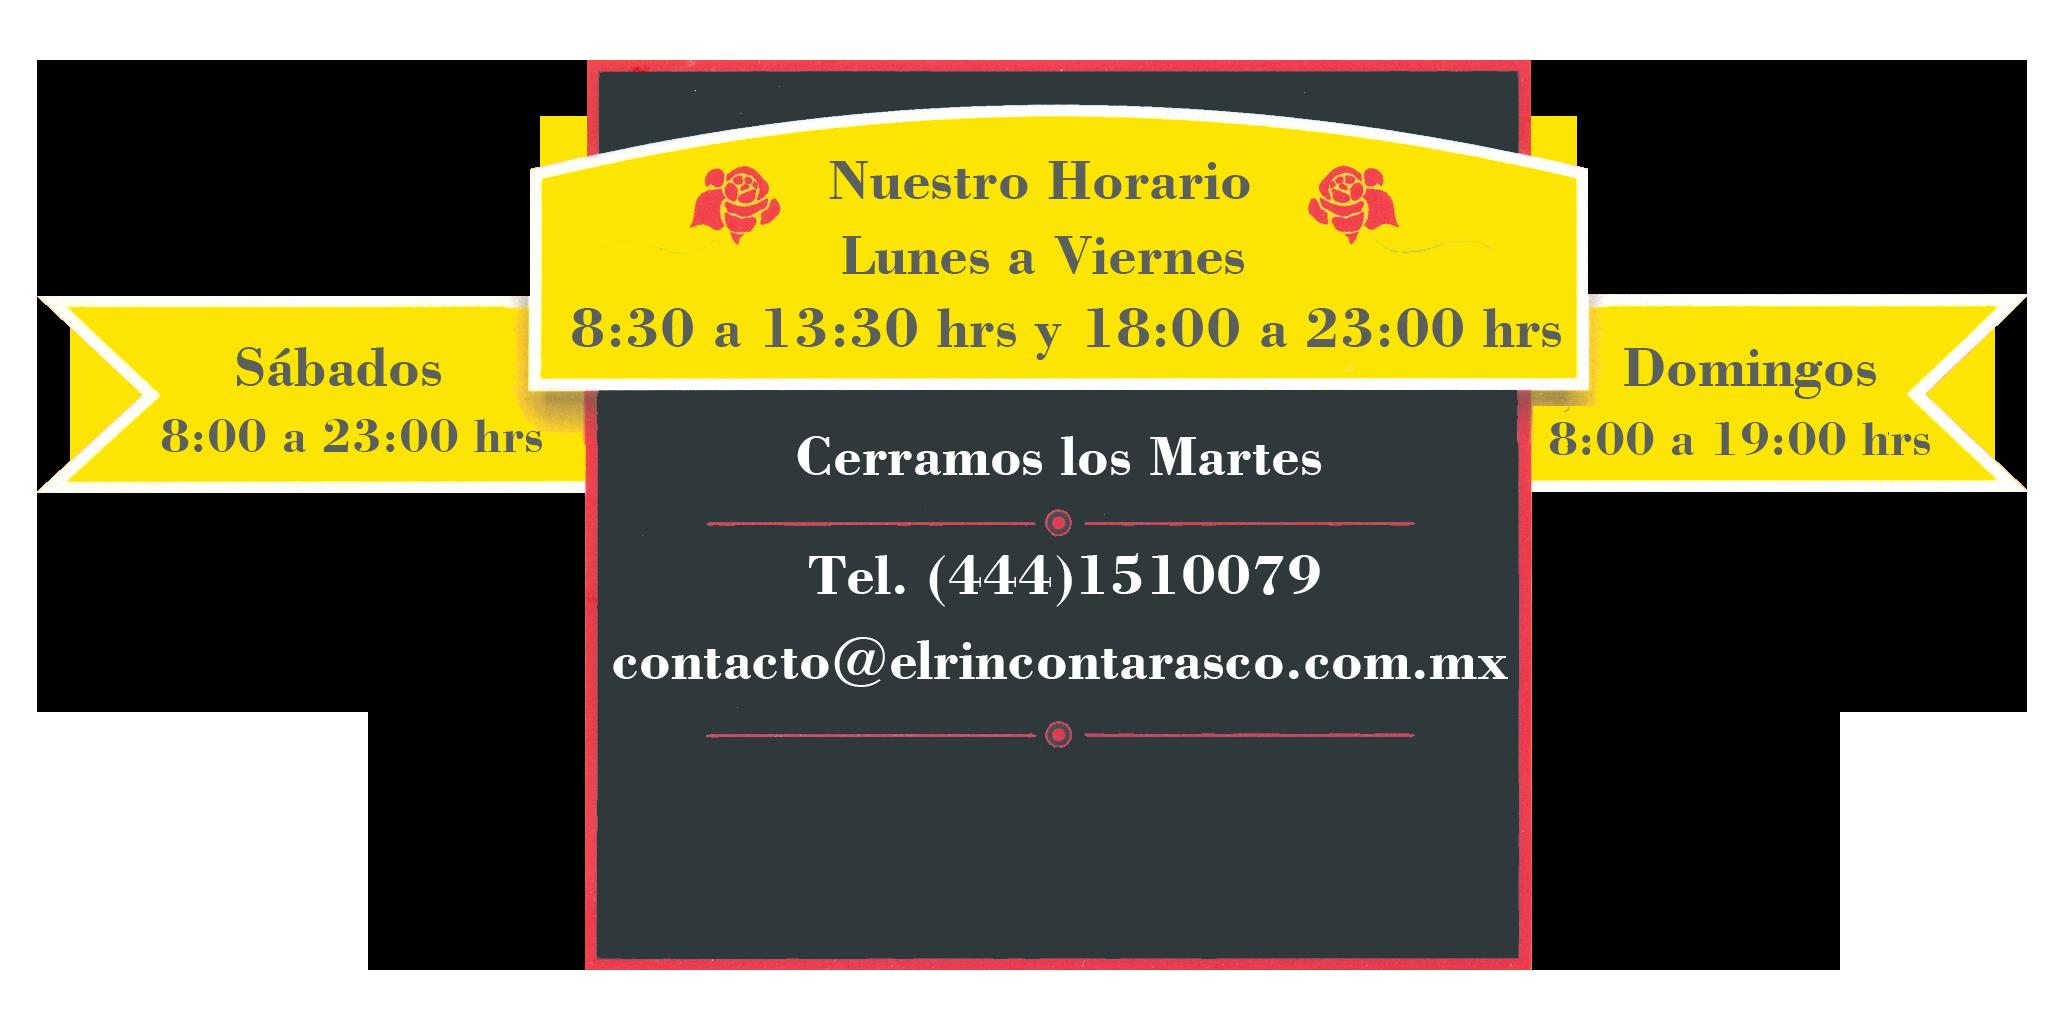 horarios-750x372-2